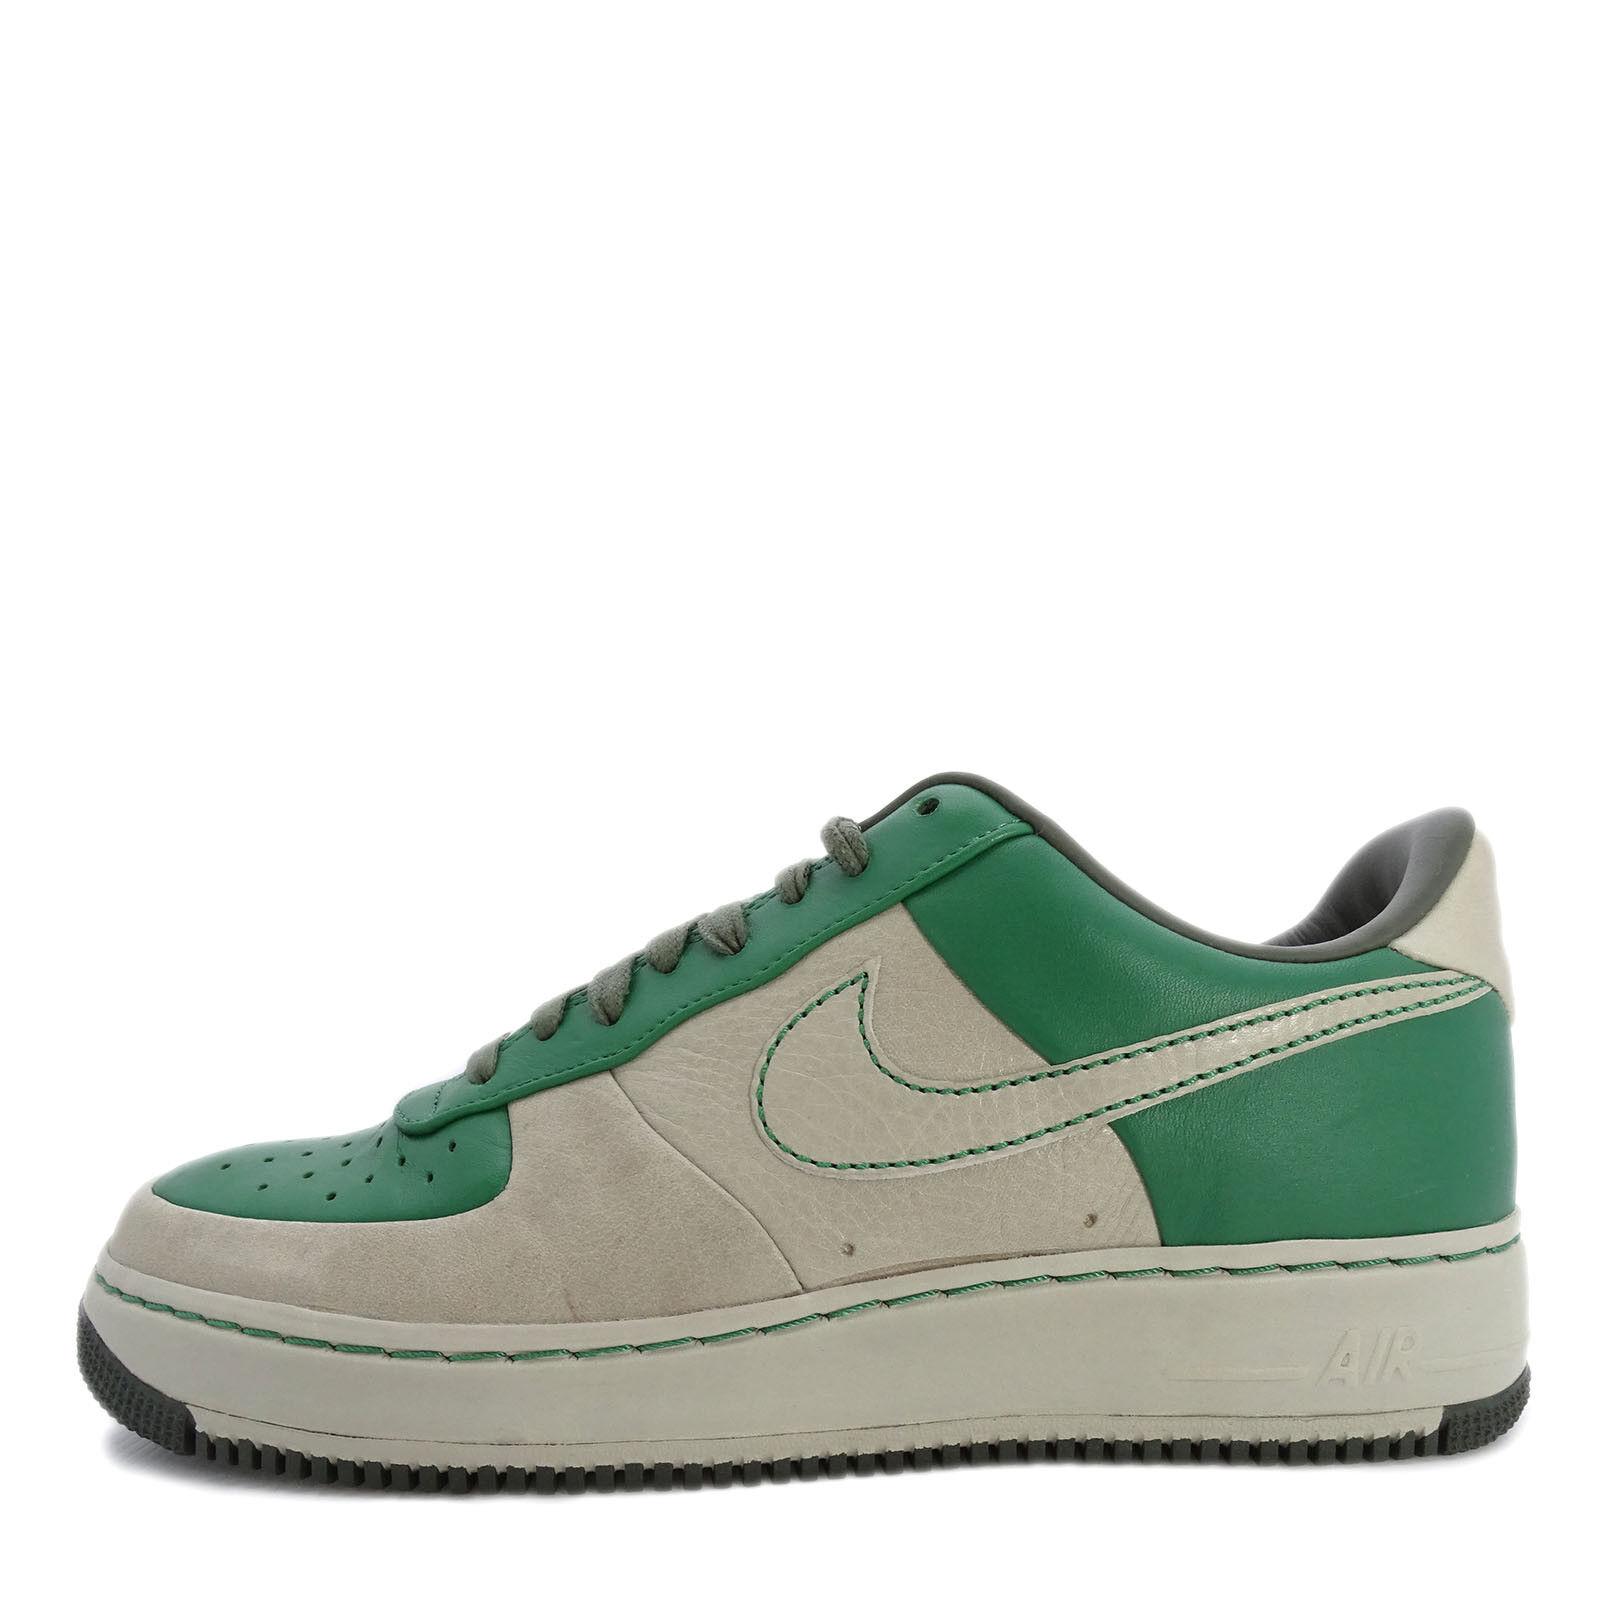 Nike air force 1 supremo 2007 [] del nuovo galles del sud 316077-311 baltimora cupola edizione verde / stone pino verde / lt stone - esercito oliv